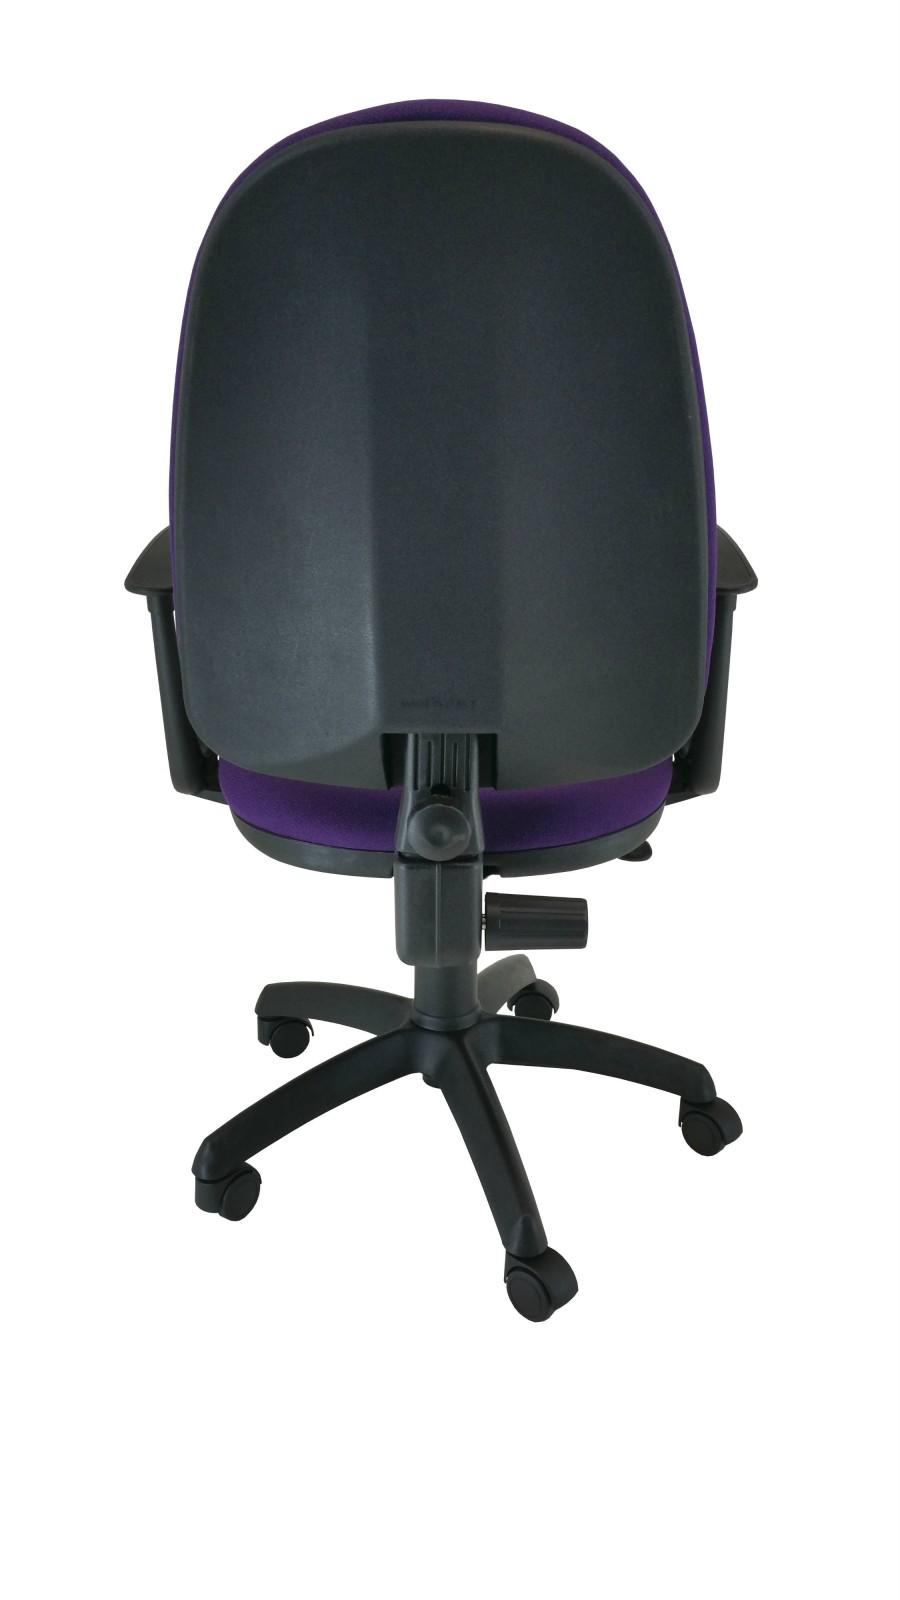 Sillas de oficina econ micas sillas de trabajo for Sillas para oficina economicas